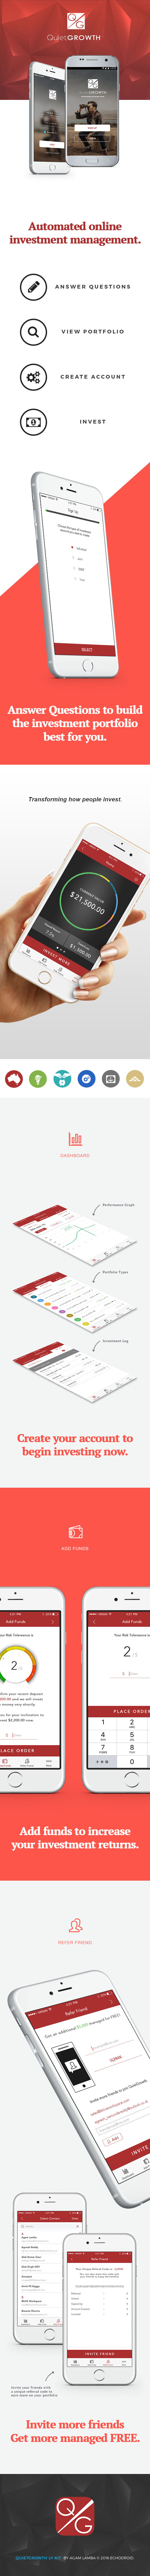 Adobe Portfolio Investment UI psd finance design ui kit graphic digital design ux ui design UX design